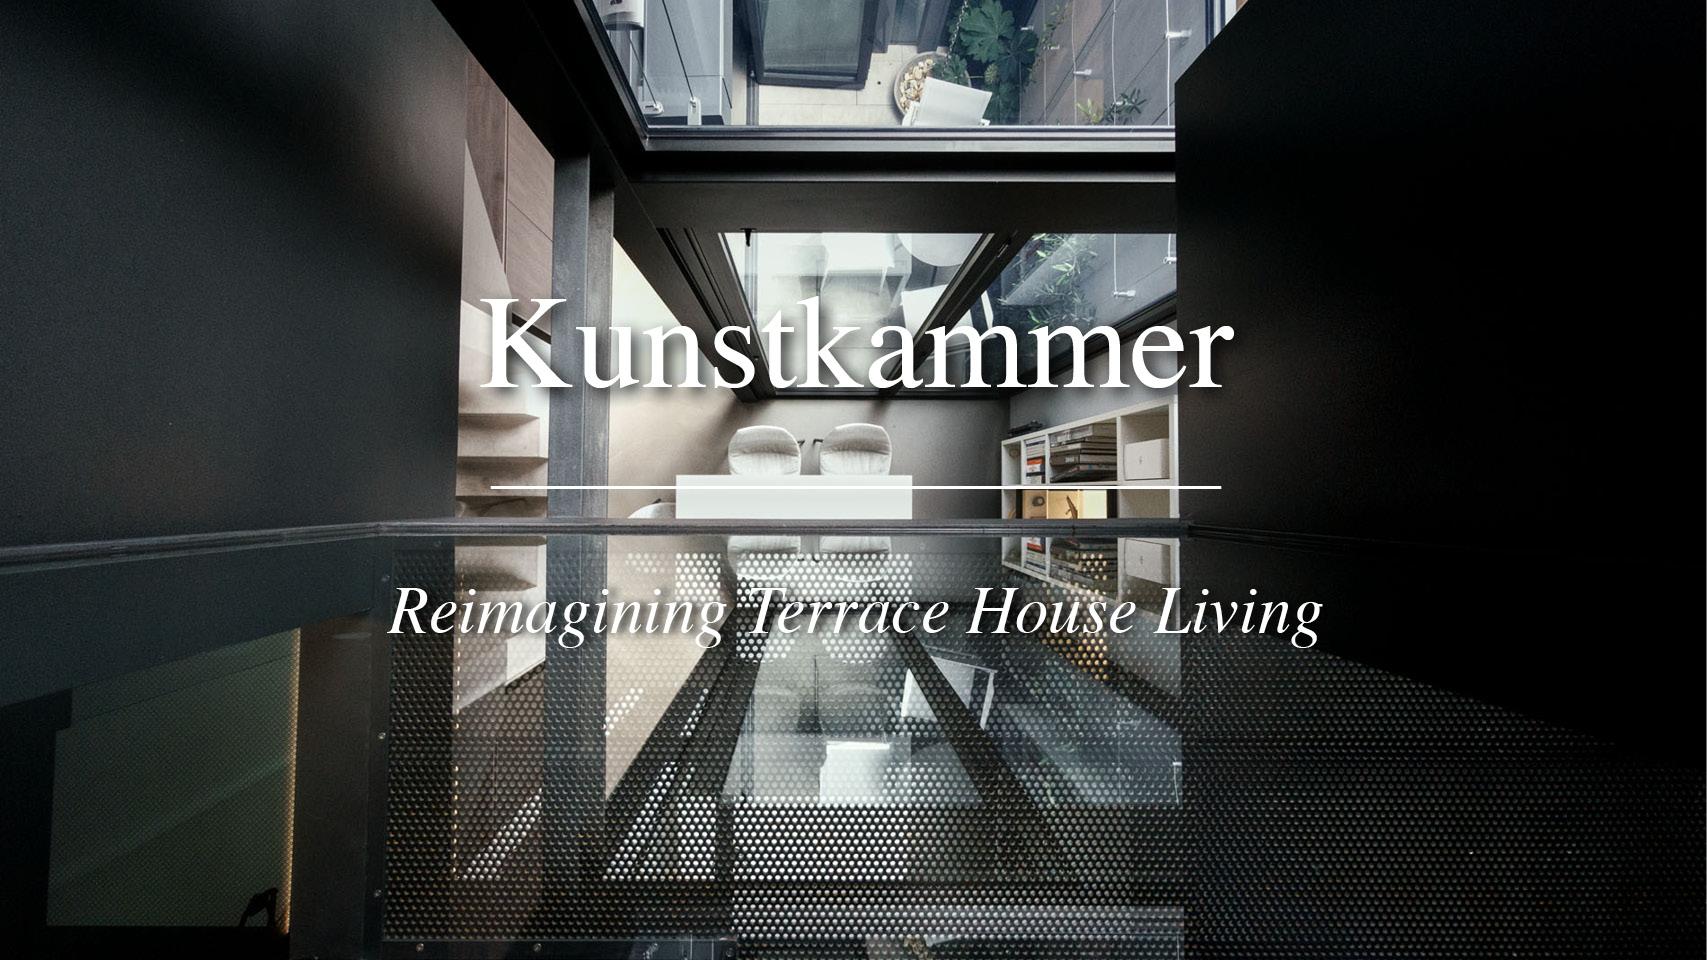 Tlp Kunstkammer Youtube Thumbnail 1280x720